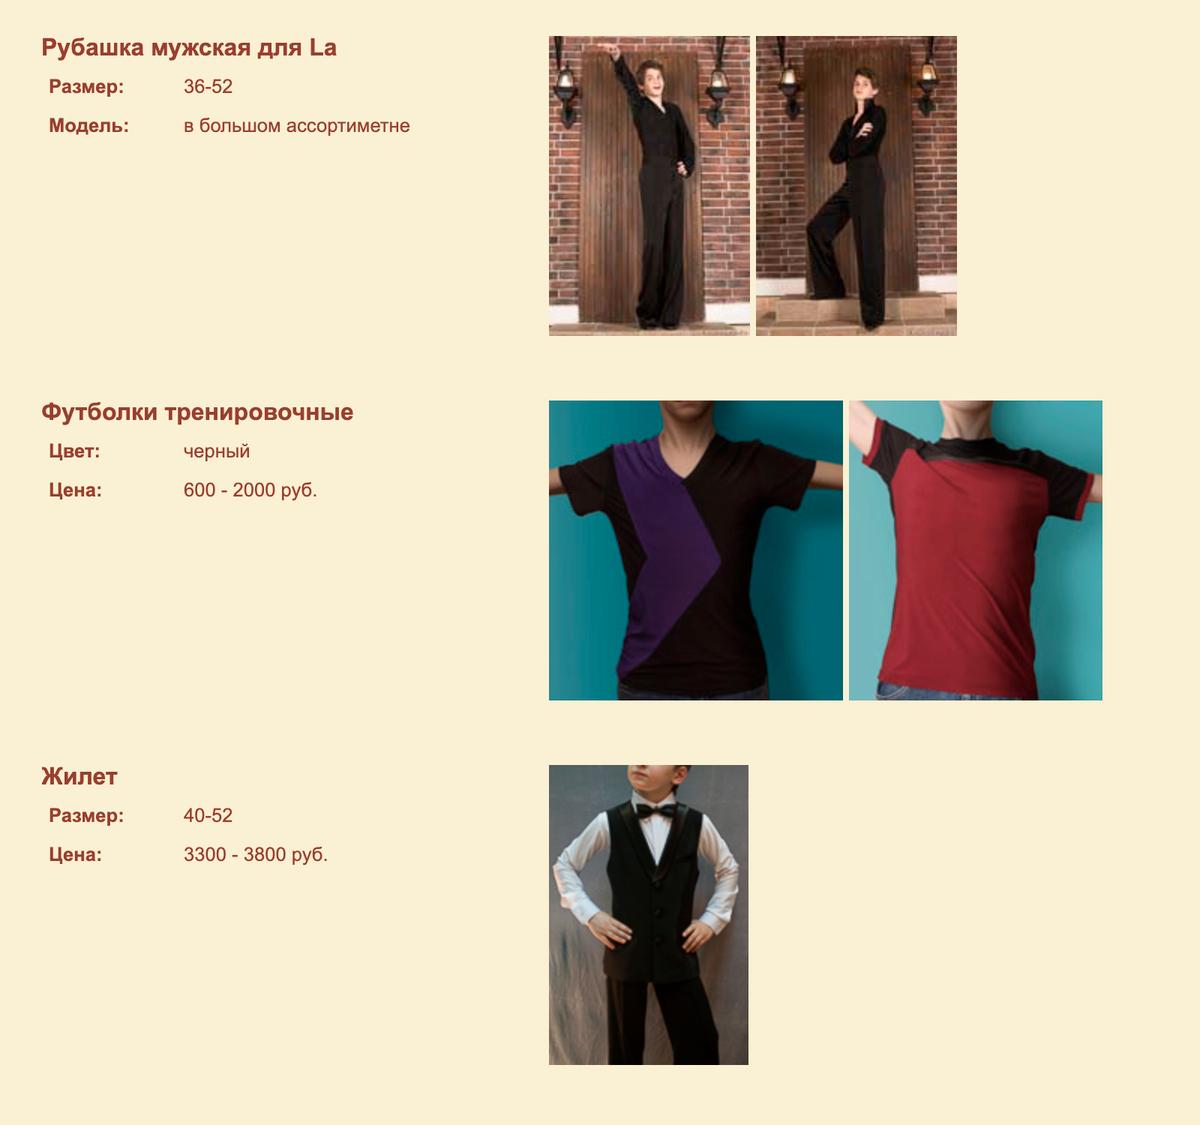 Варианты мужских танцевальных костюмов. Футболки стоят до 2000<span class=ruble>Р</span>, жилет — до 3800<span class=ruble>Р</span>